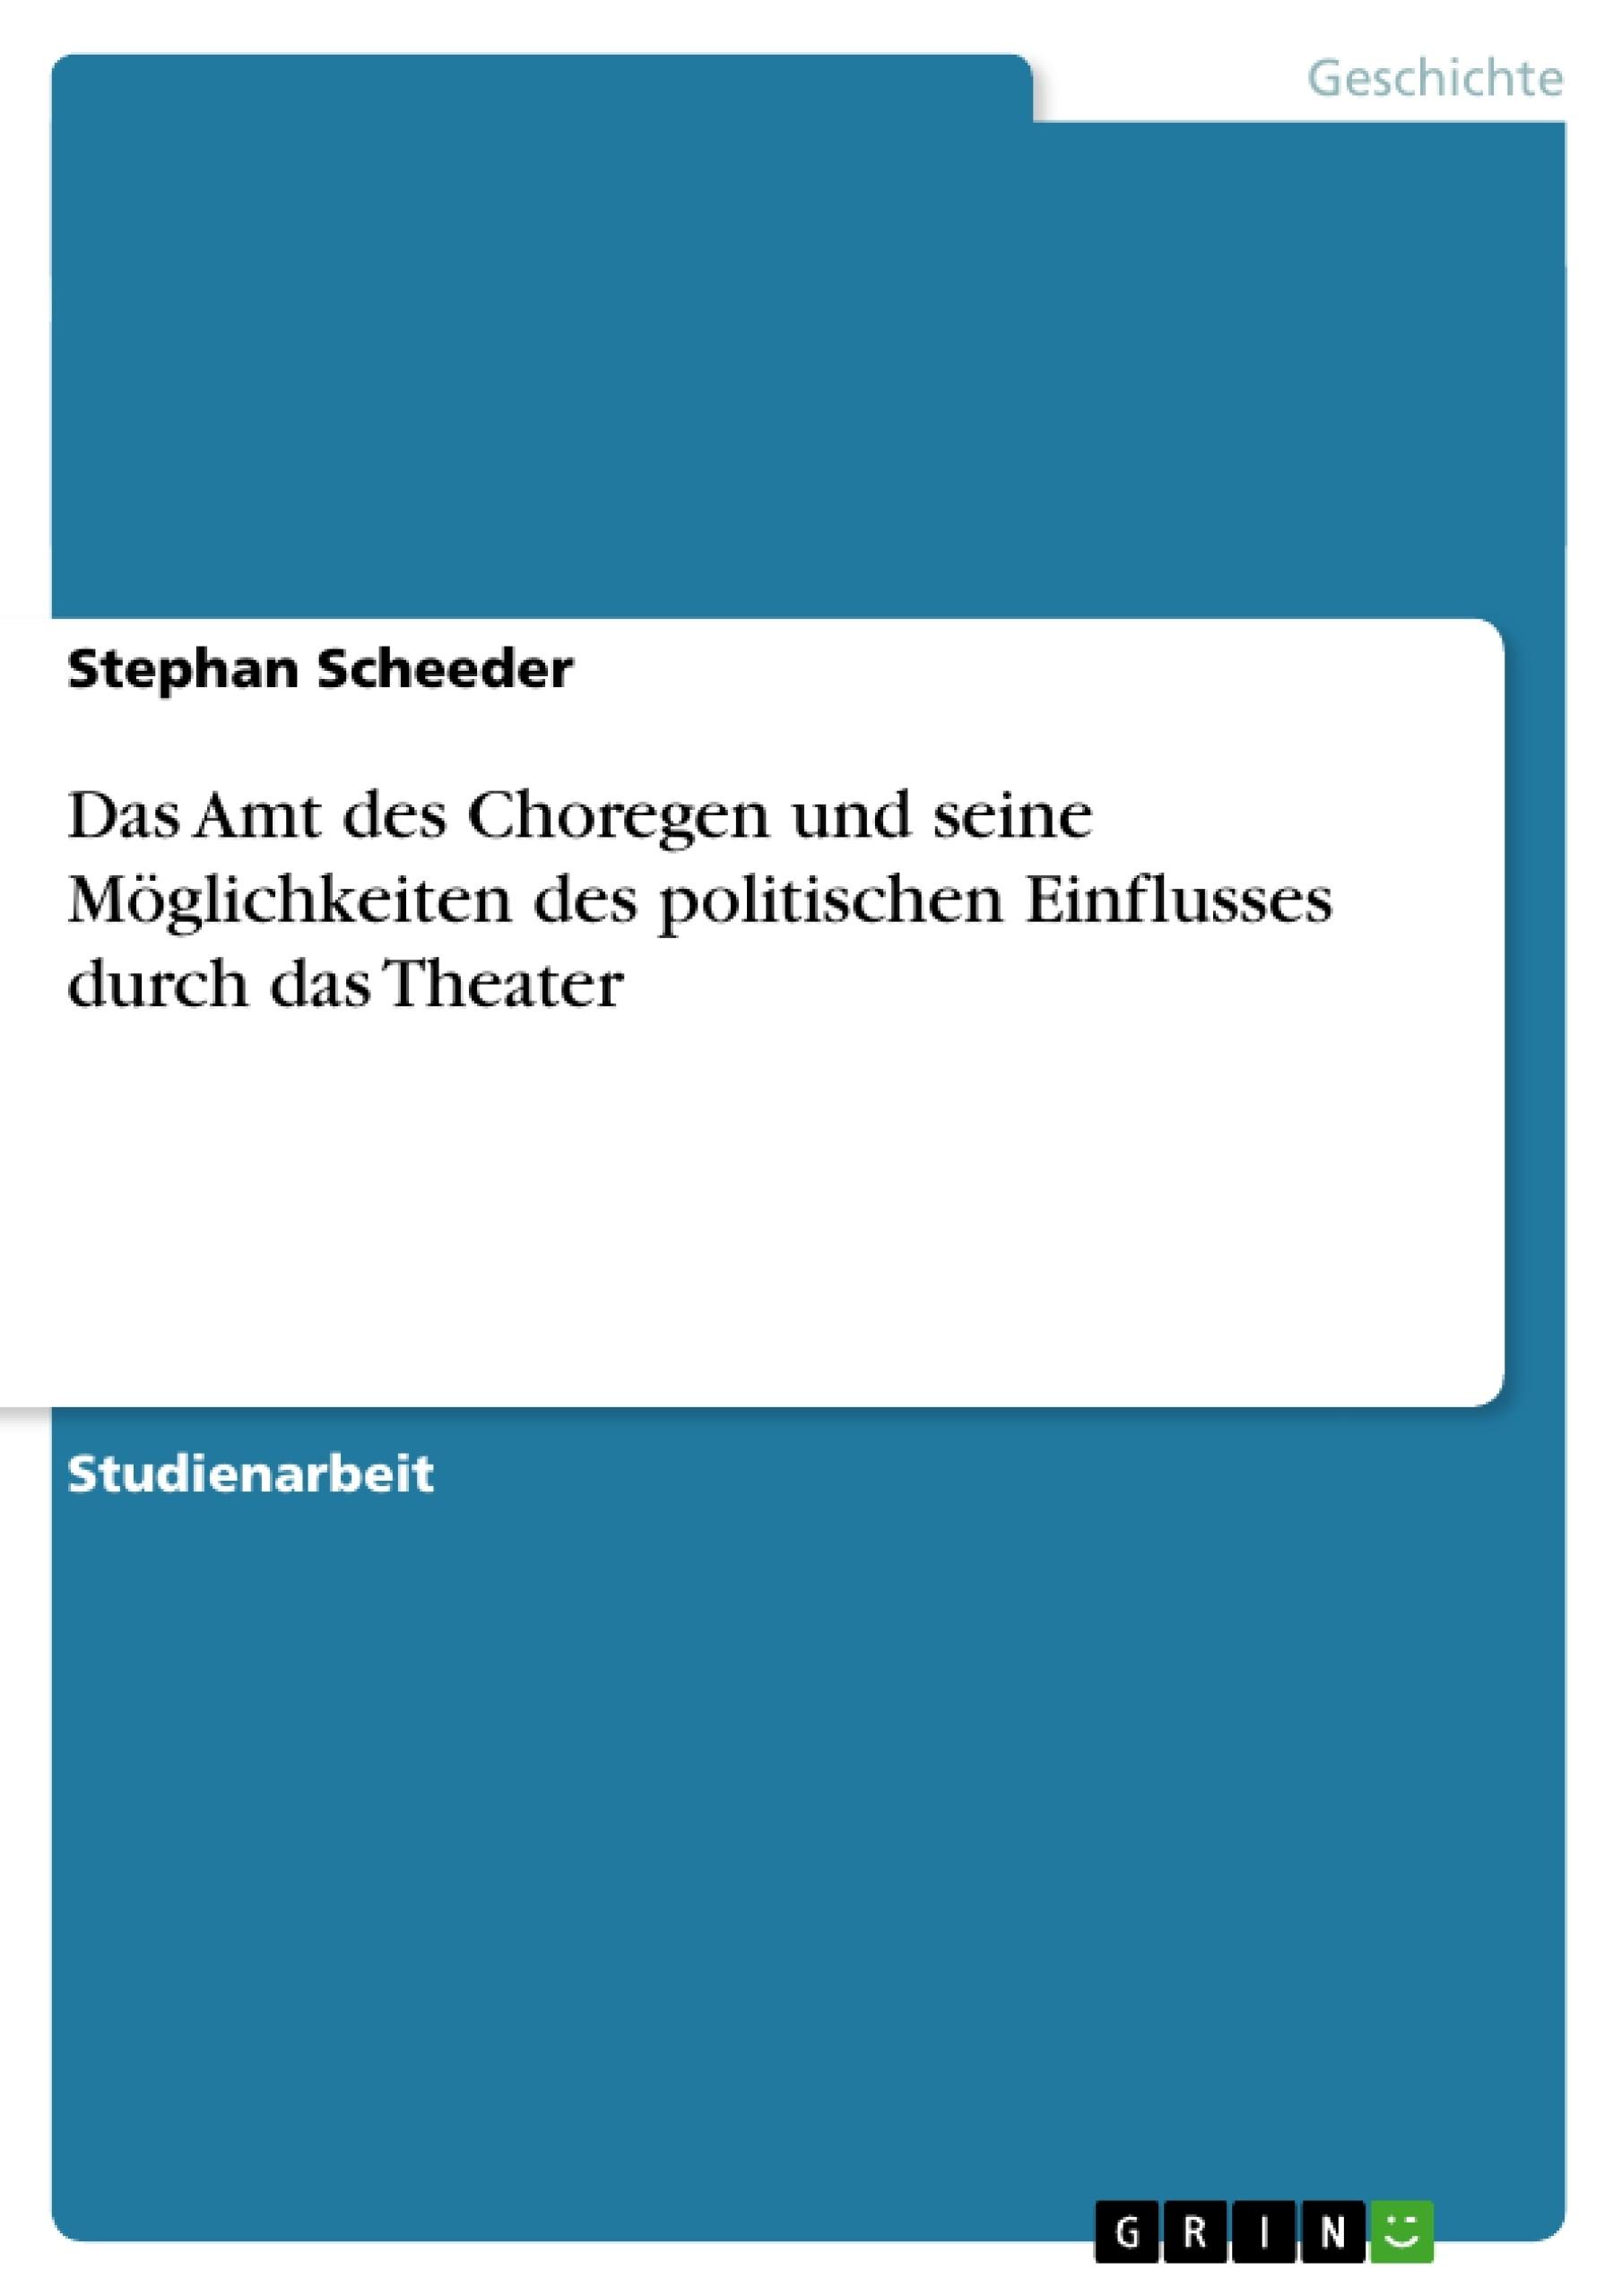 Titel: Das Amt des Choregen und seine Möglichkeiten des politischen Einflusses durch das Theater